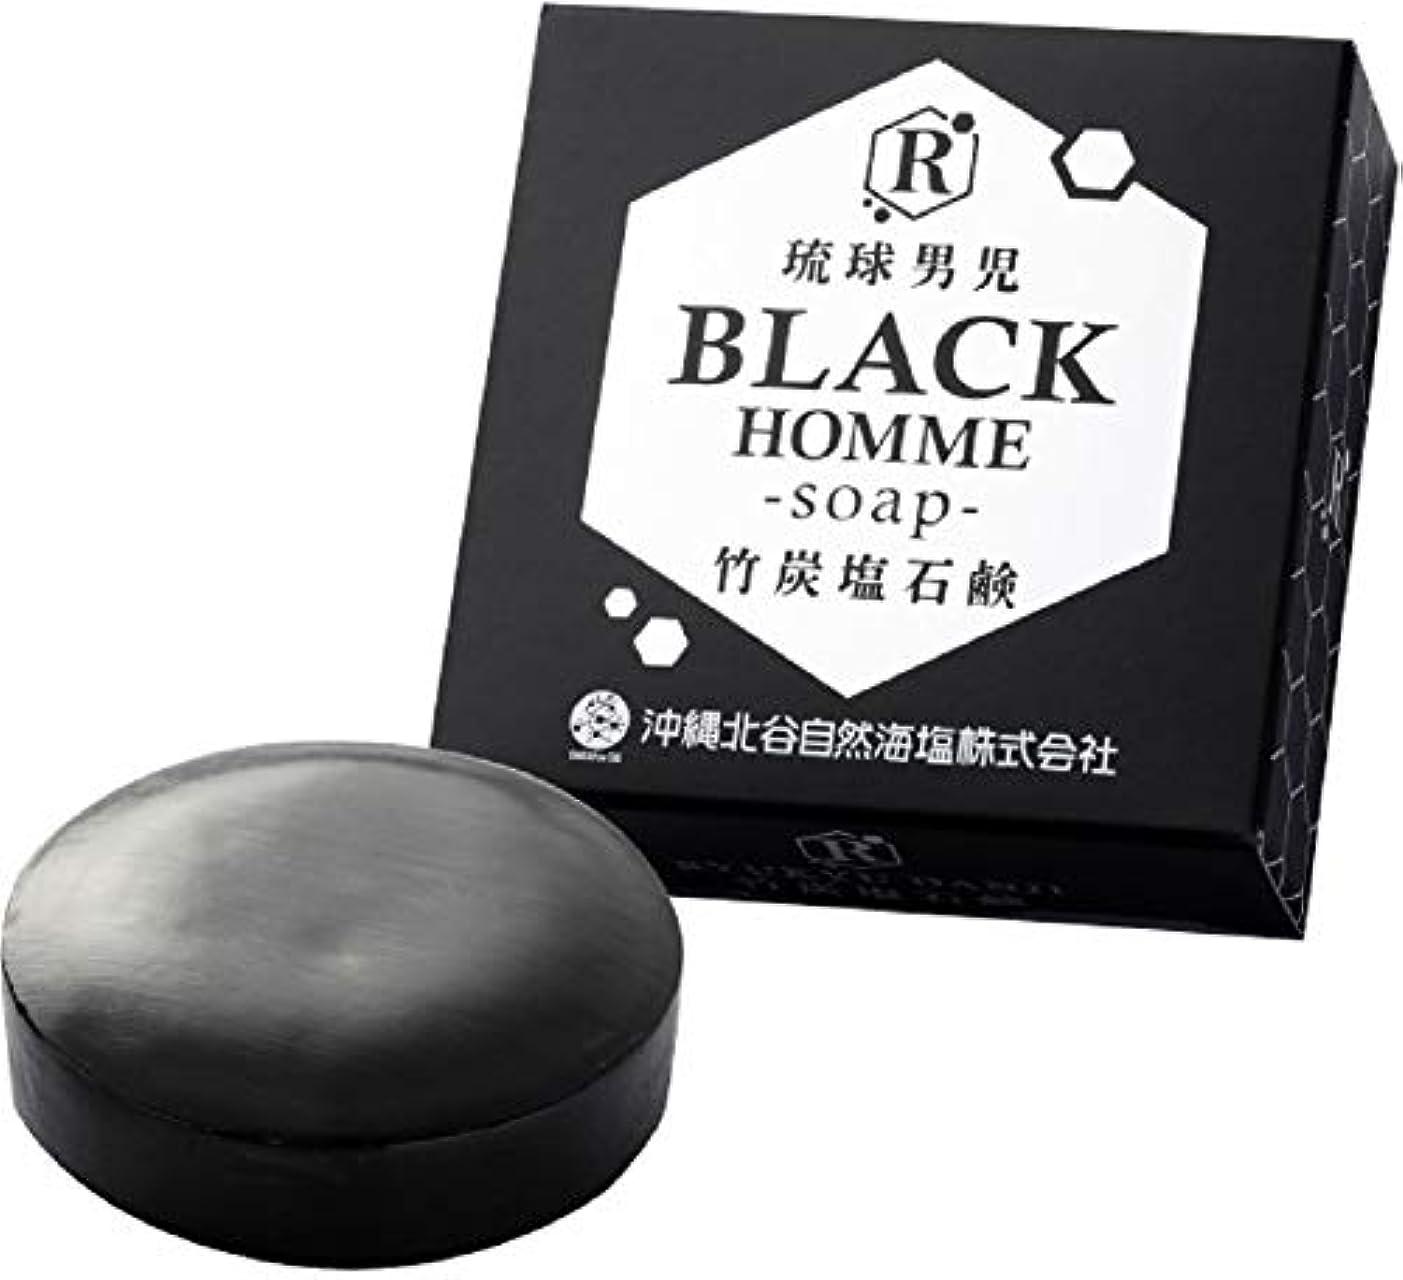 モック元の端末【3個セット】琉球男児 竹炭塩石鹸 BLACK HOMME-soap- 60g 泡立てネット付き